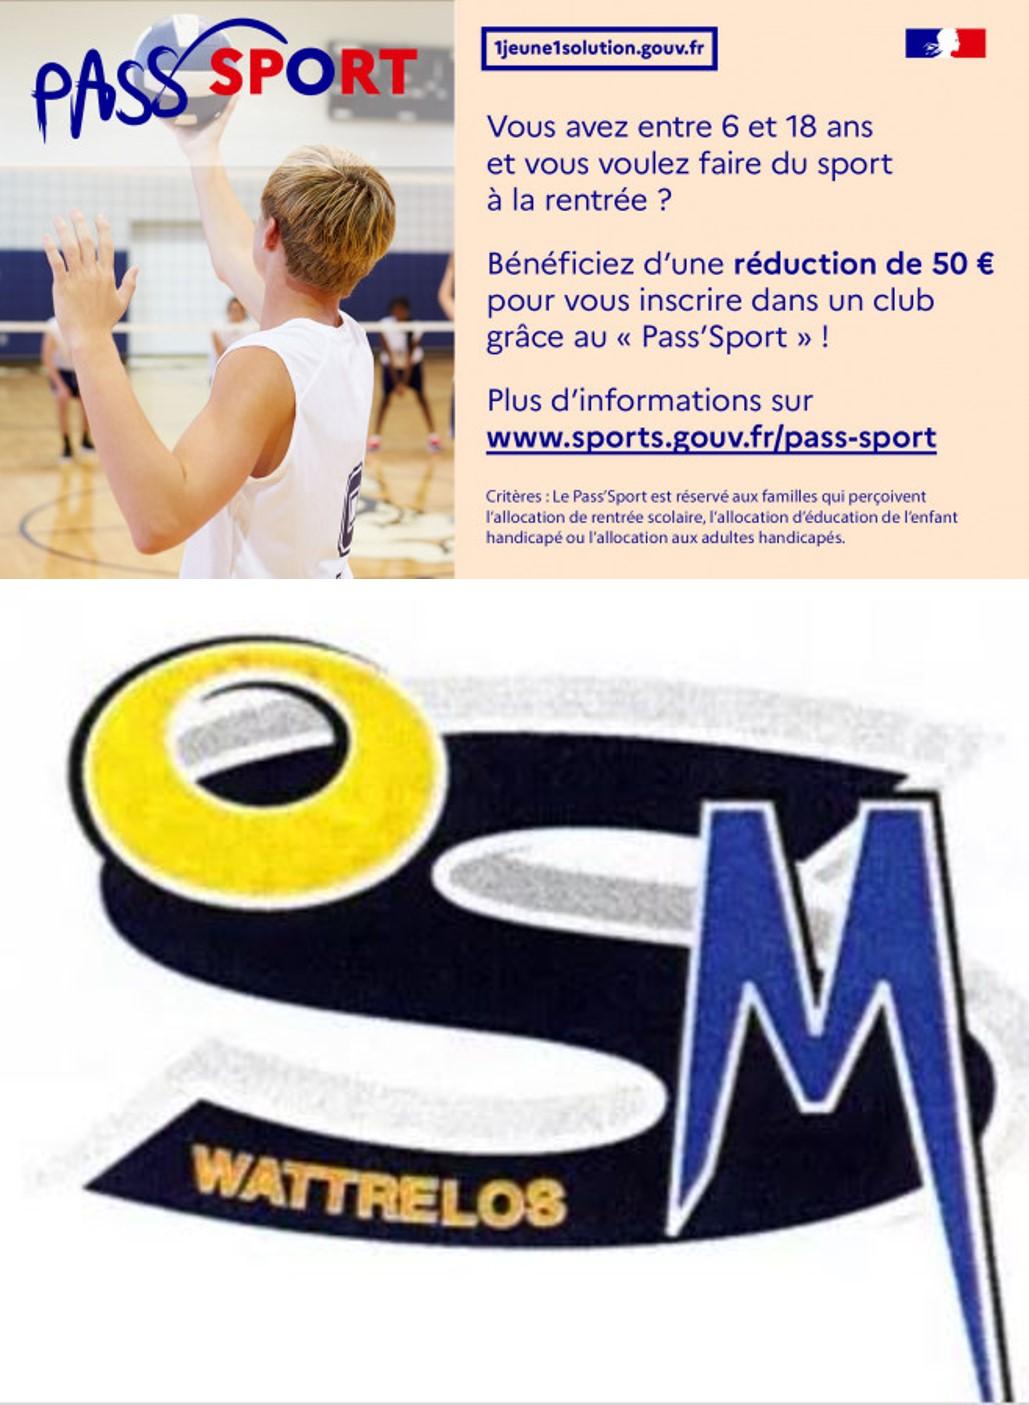 Les aides financières pour s'inscrire : Pass'sport de 50 € et «Bon OMS» pour bénéficier jusqu'à 51,5 €